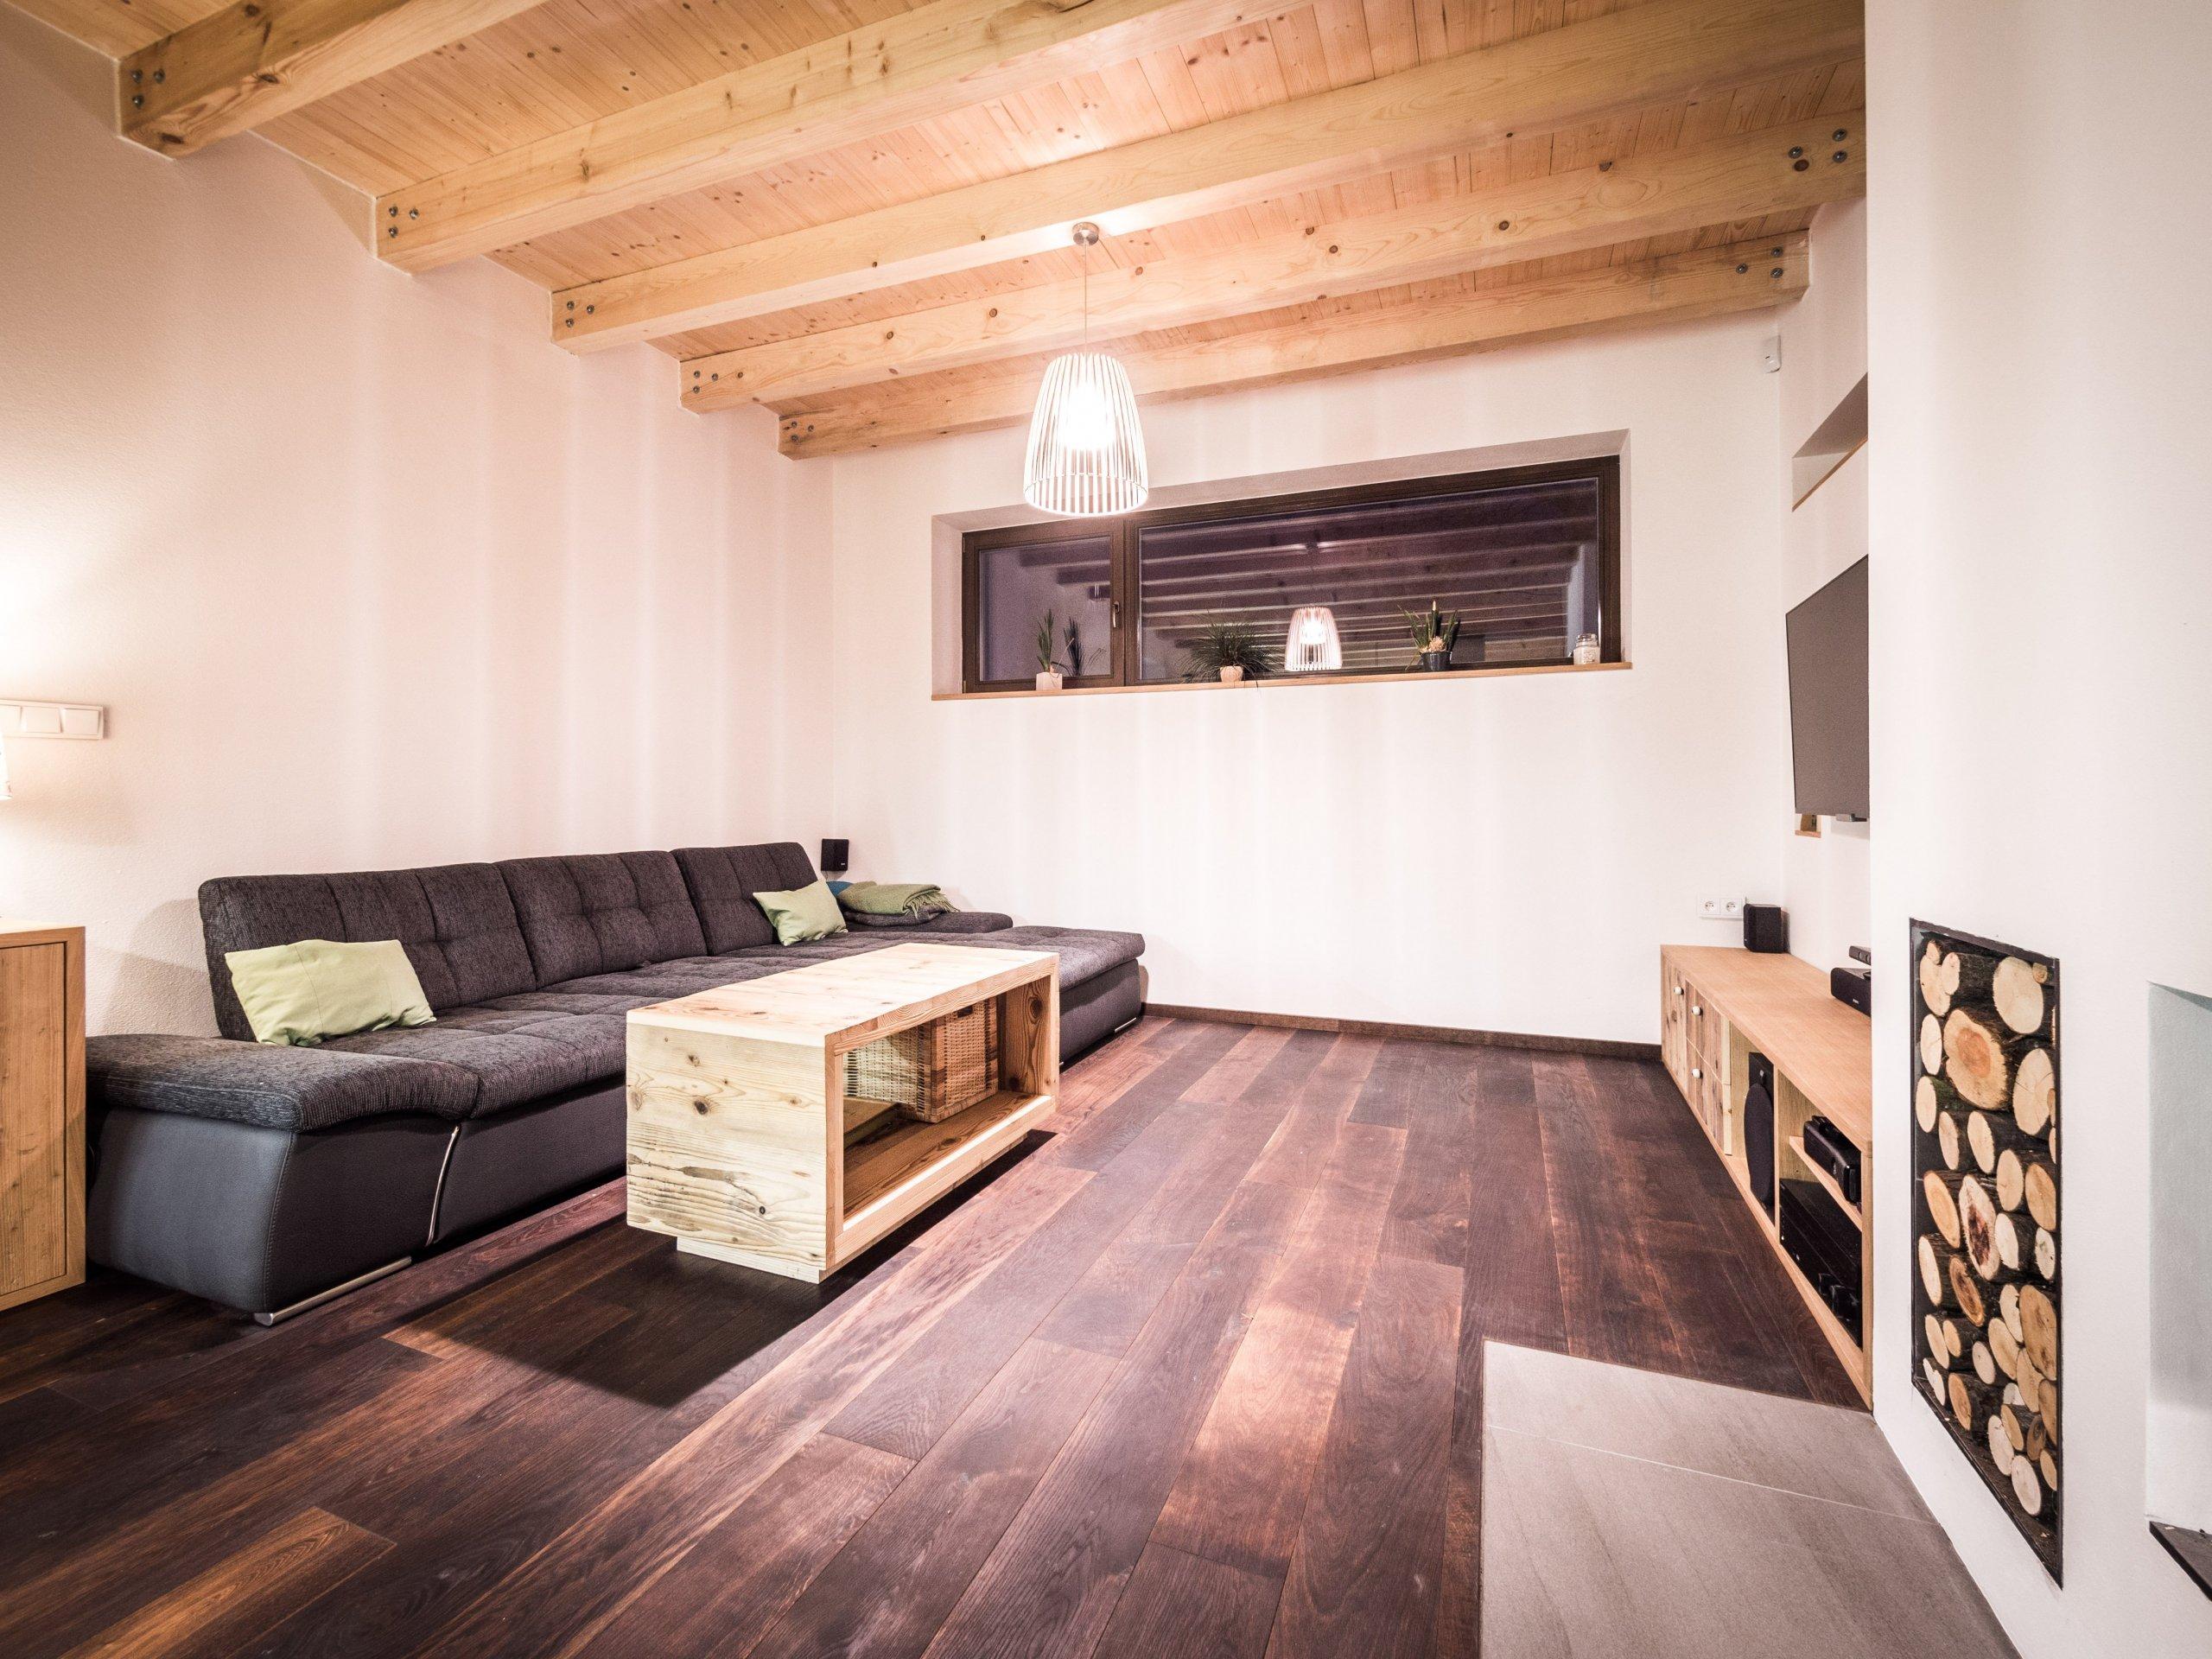 Nově postavený rodinný dům v obci Zdiby poblíž našeho hlavního města dostal díky koncepci veškerého vybavení do přírodních materiálů netradiční tvář. Byl to…